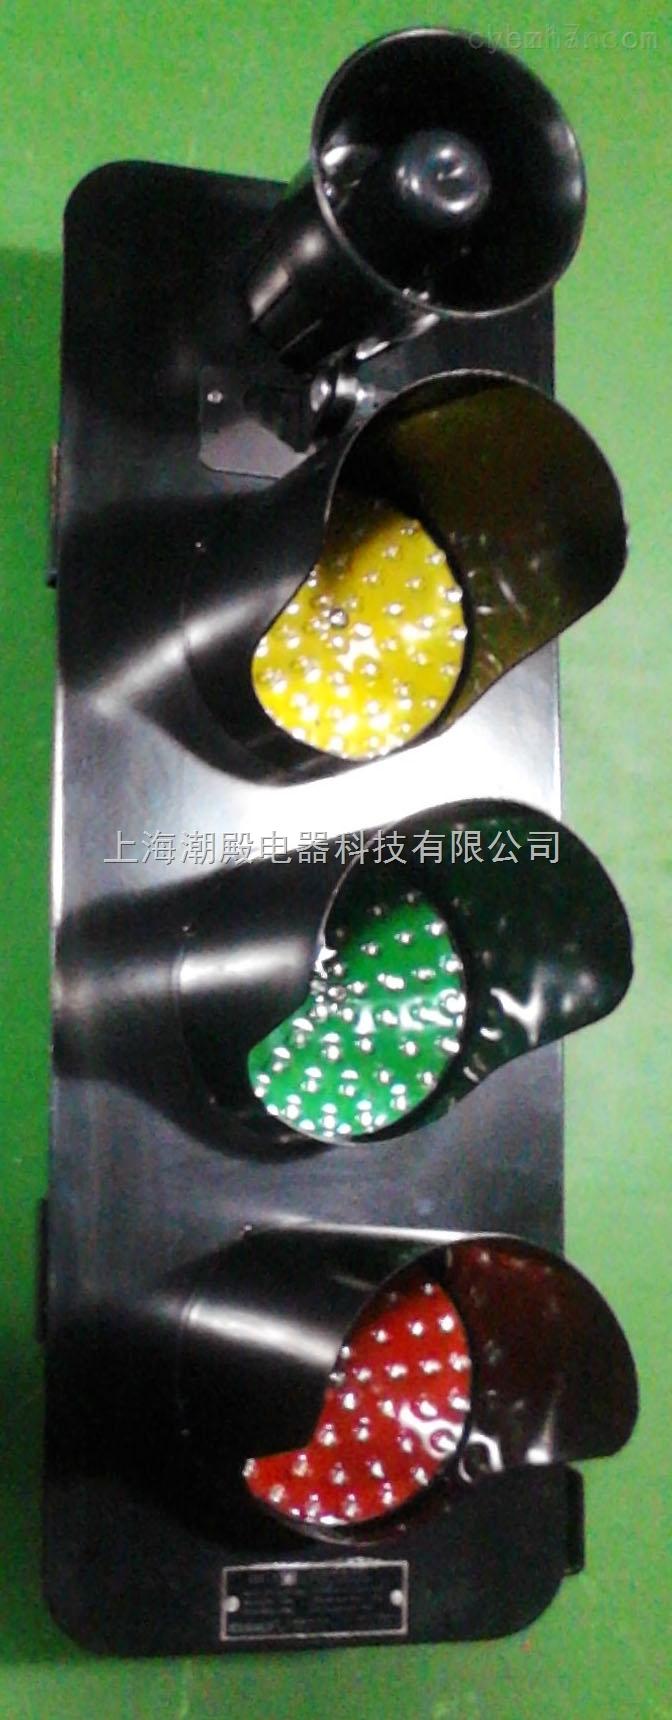 上海潮殿ABC-H2帶報警三相電源指示燈